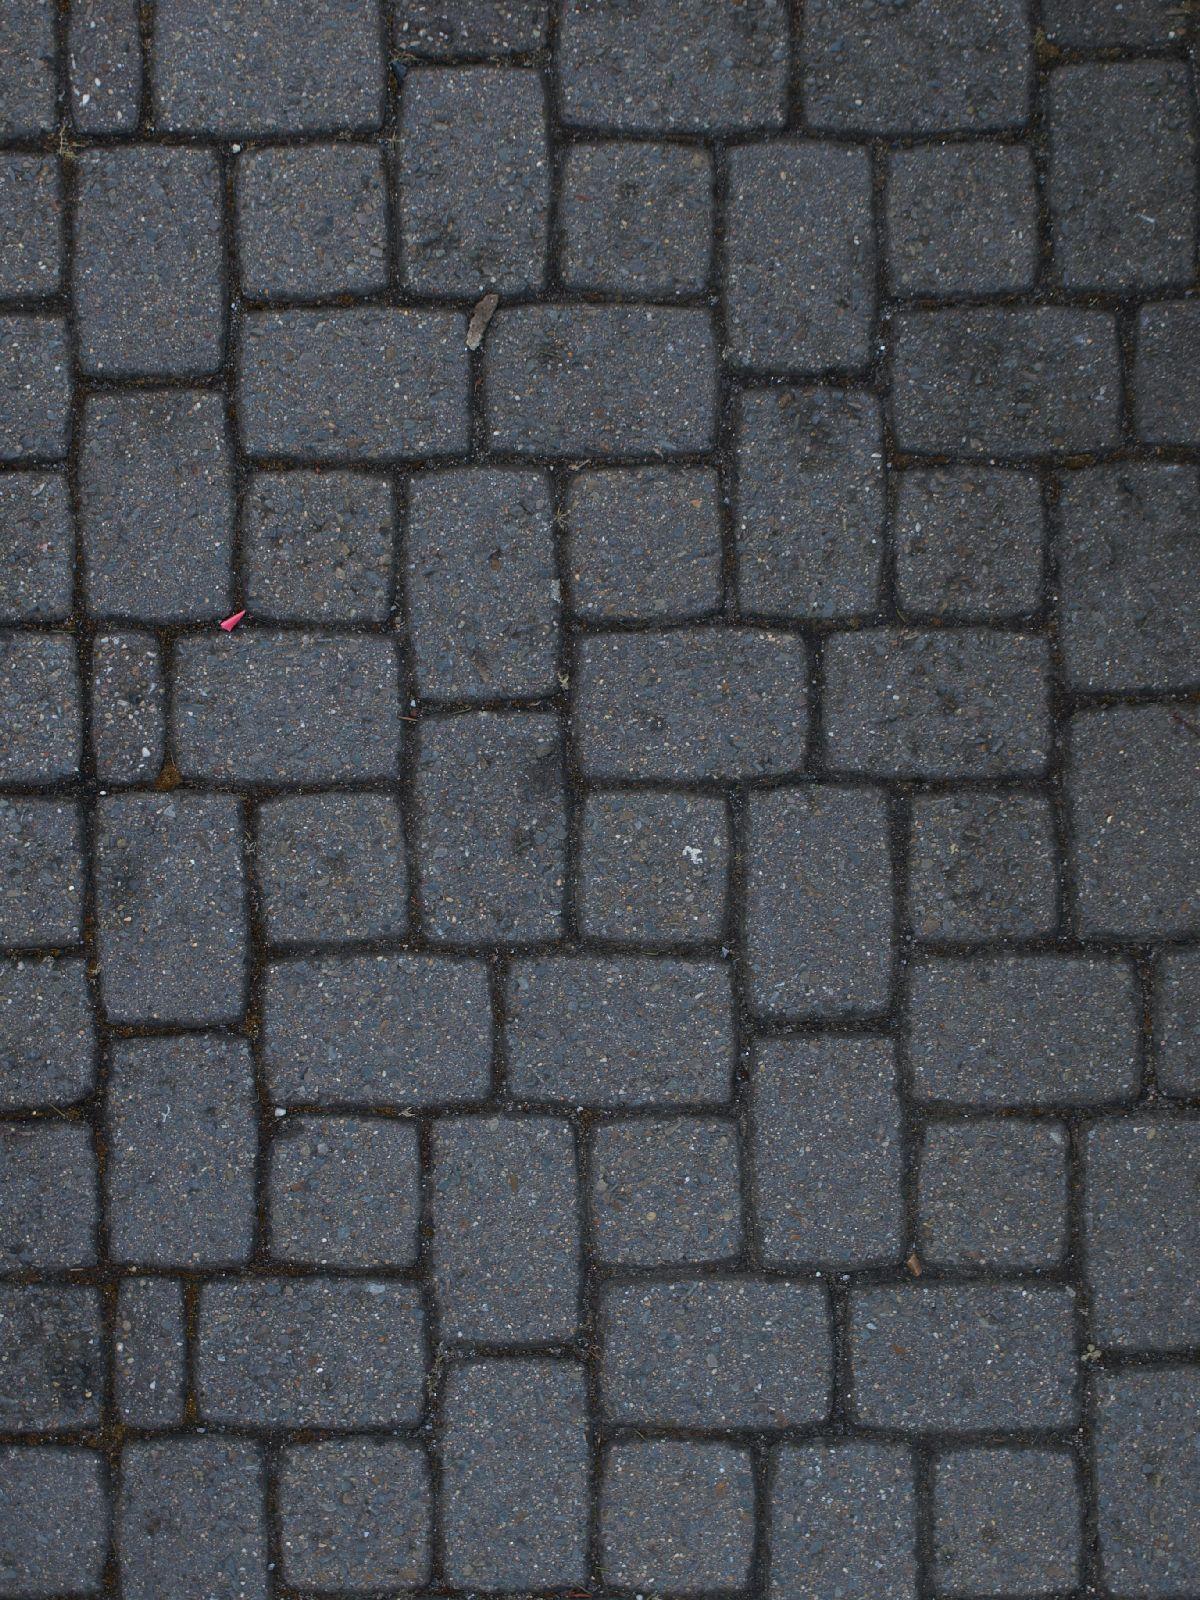 Boden-Gehweg-Strasse-Buergersteig-Textur_A_P1259916